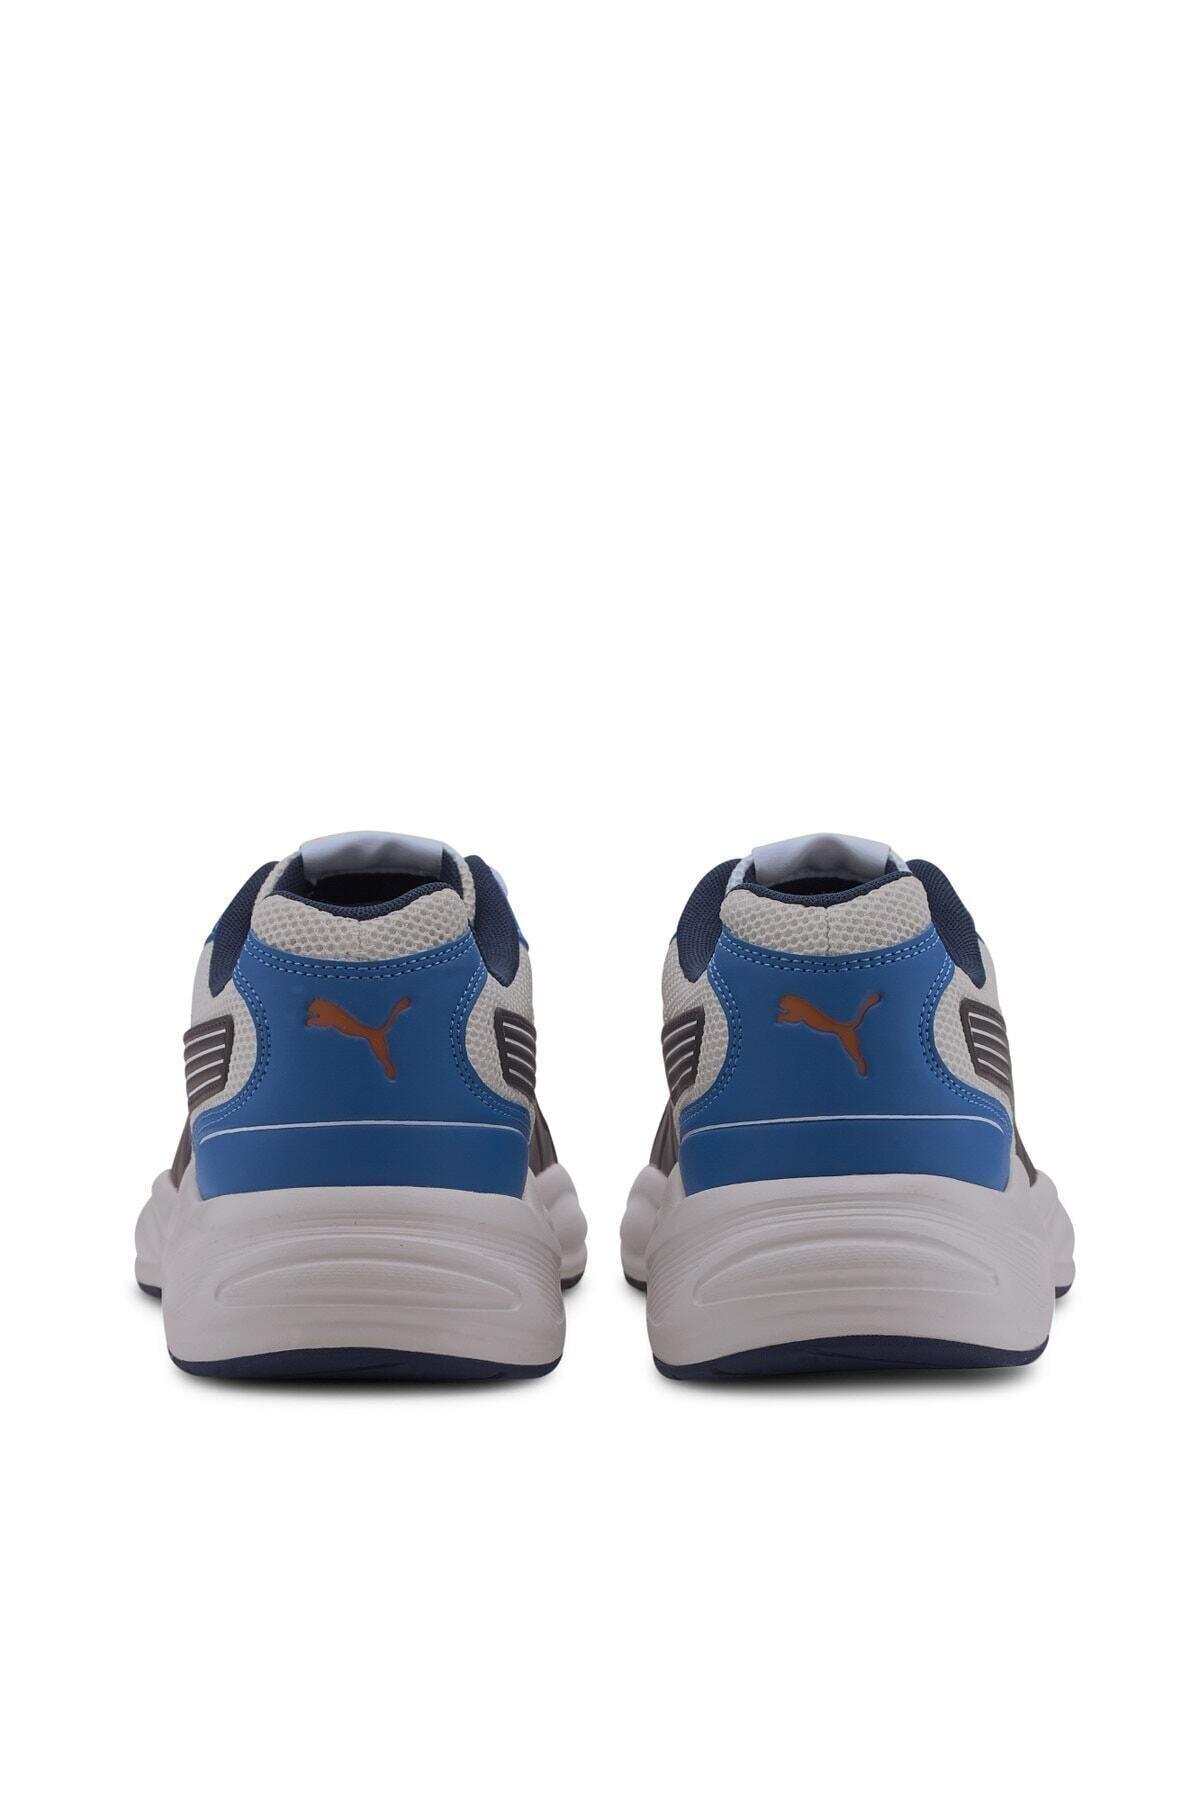 Puma Unisex Beyaz Spor Ayakkabı